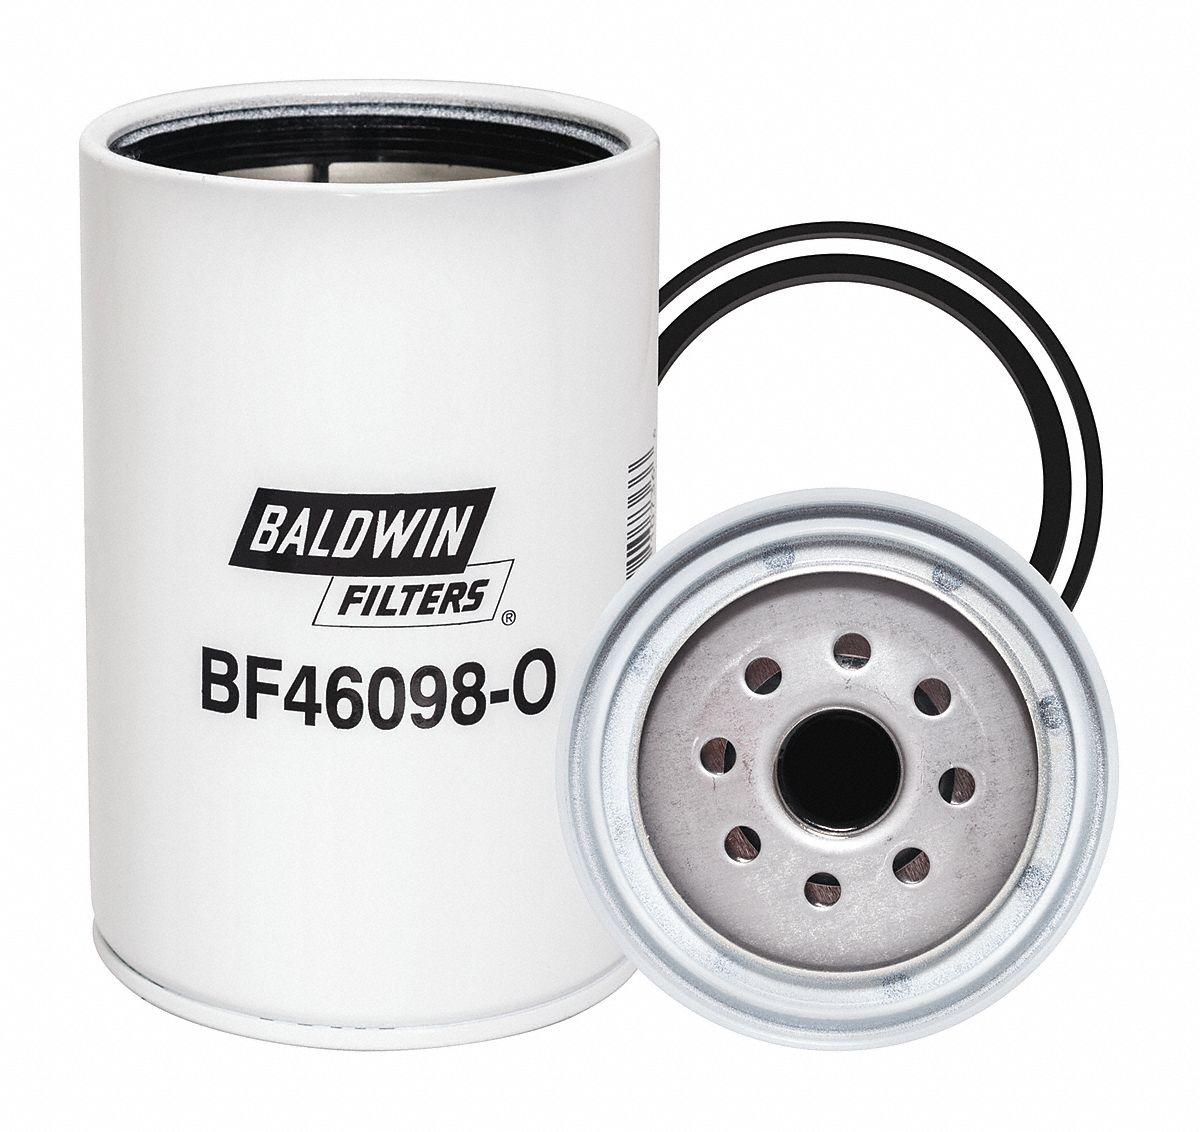 Baldwin Filters Fuel Filter Spin On Design 439v16 Bf46098 Alliance Water Separator O Grainger